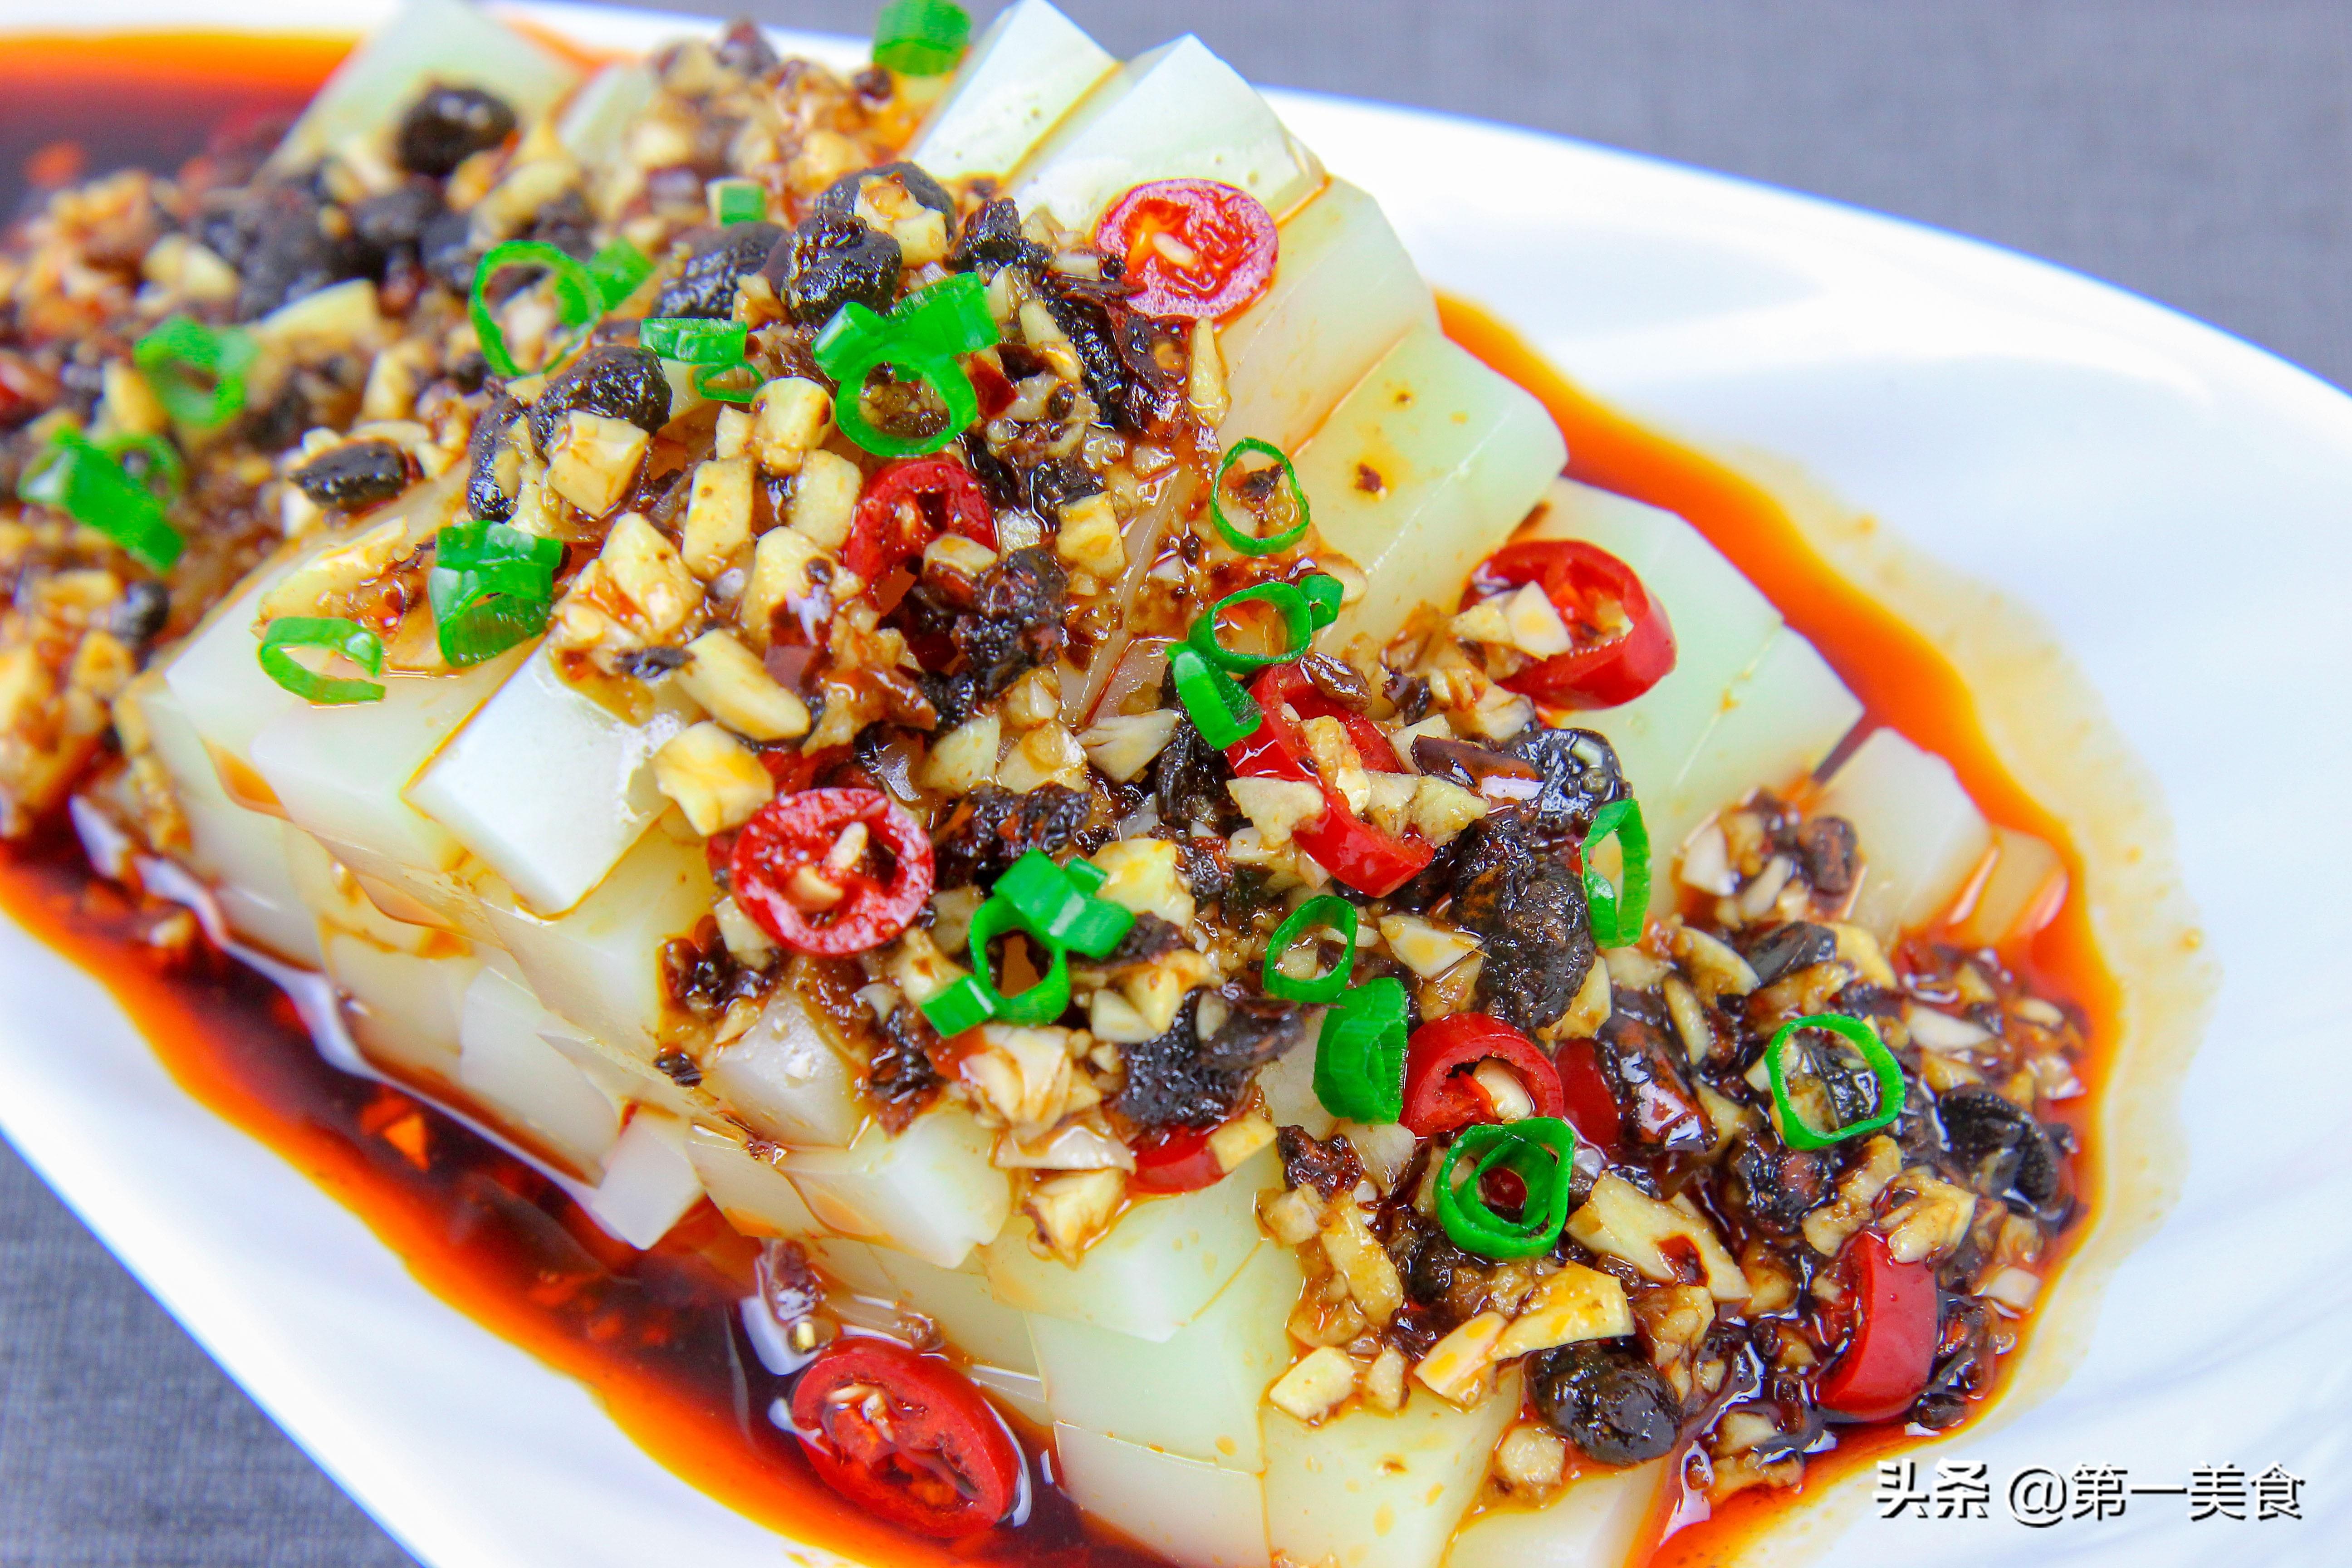 厨师长分享北川凉粉的做法,香辣爽口,口感软糯,食材简单 美食做法 第1张